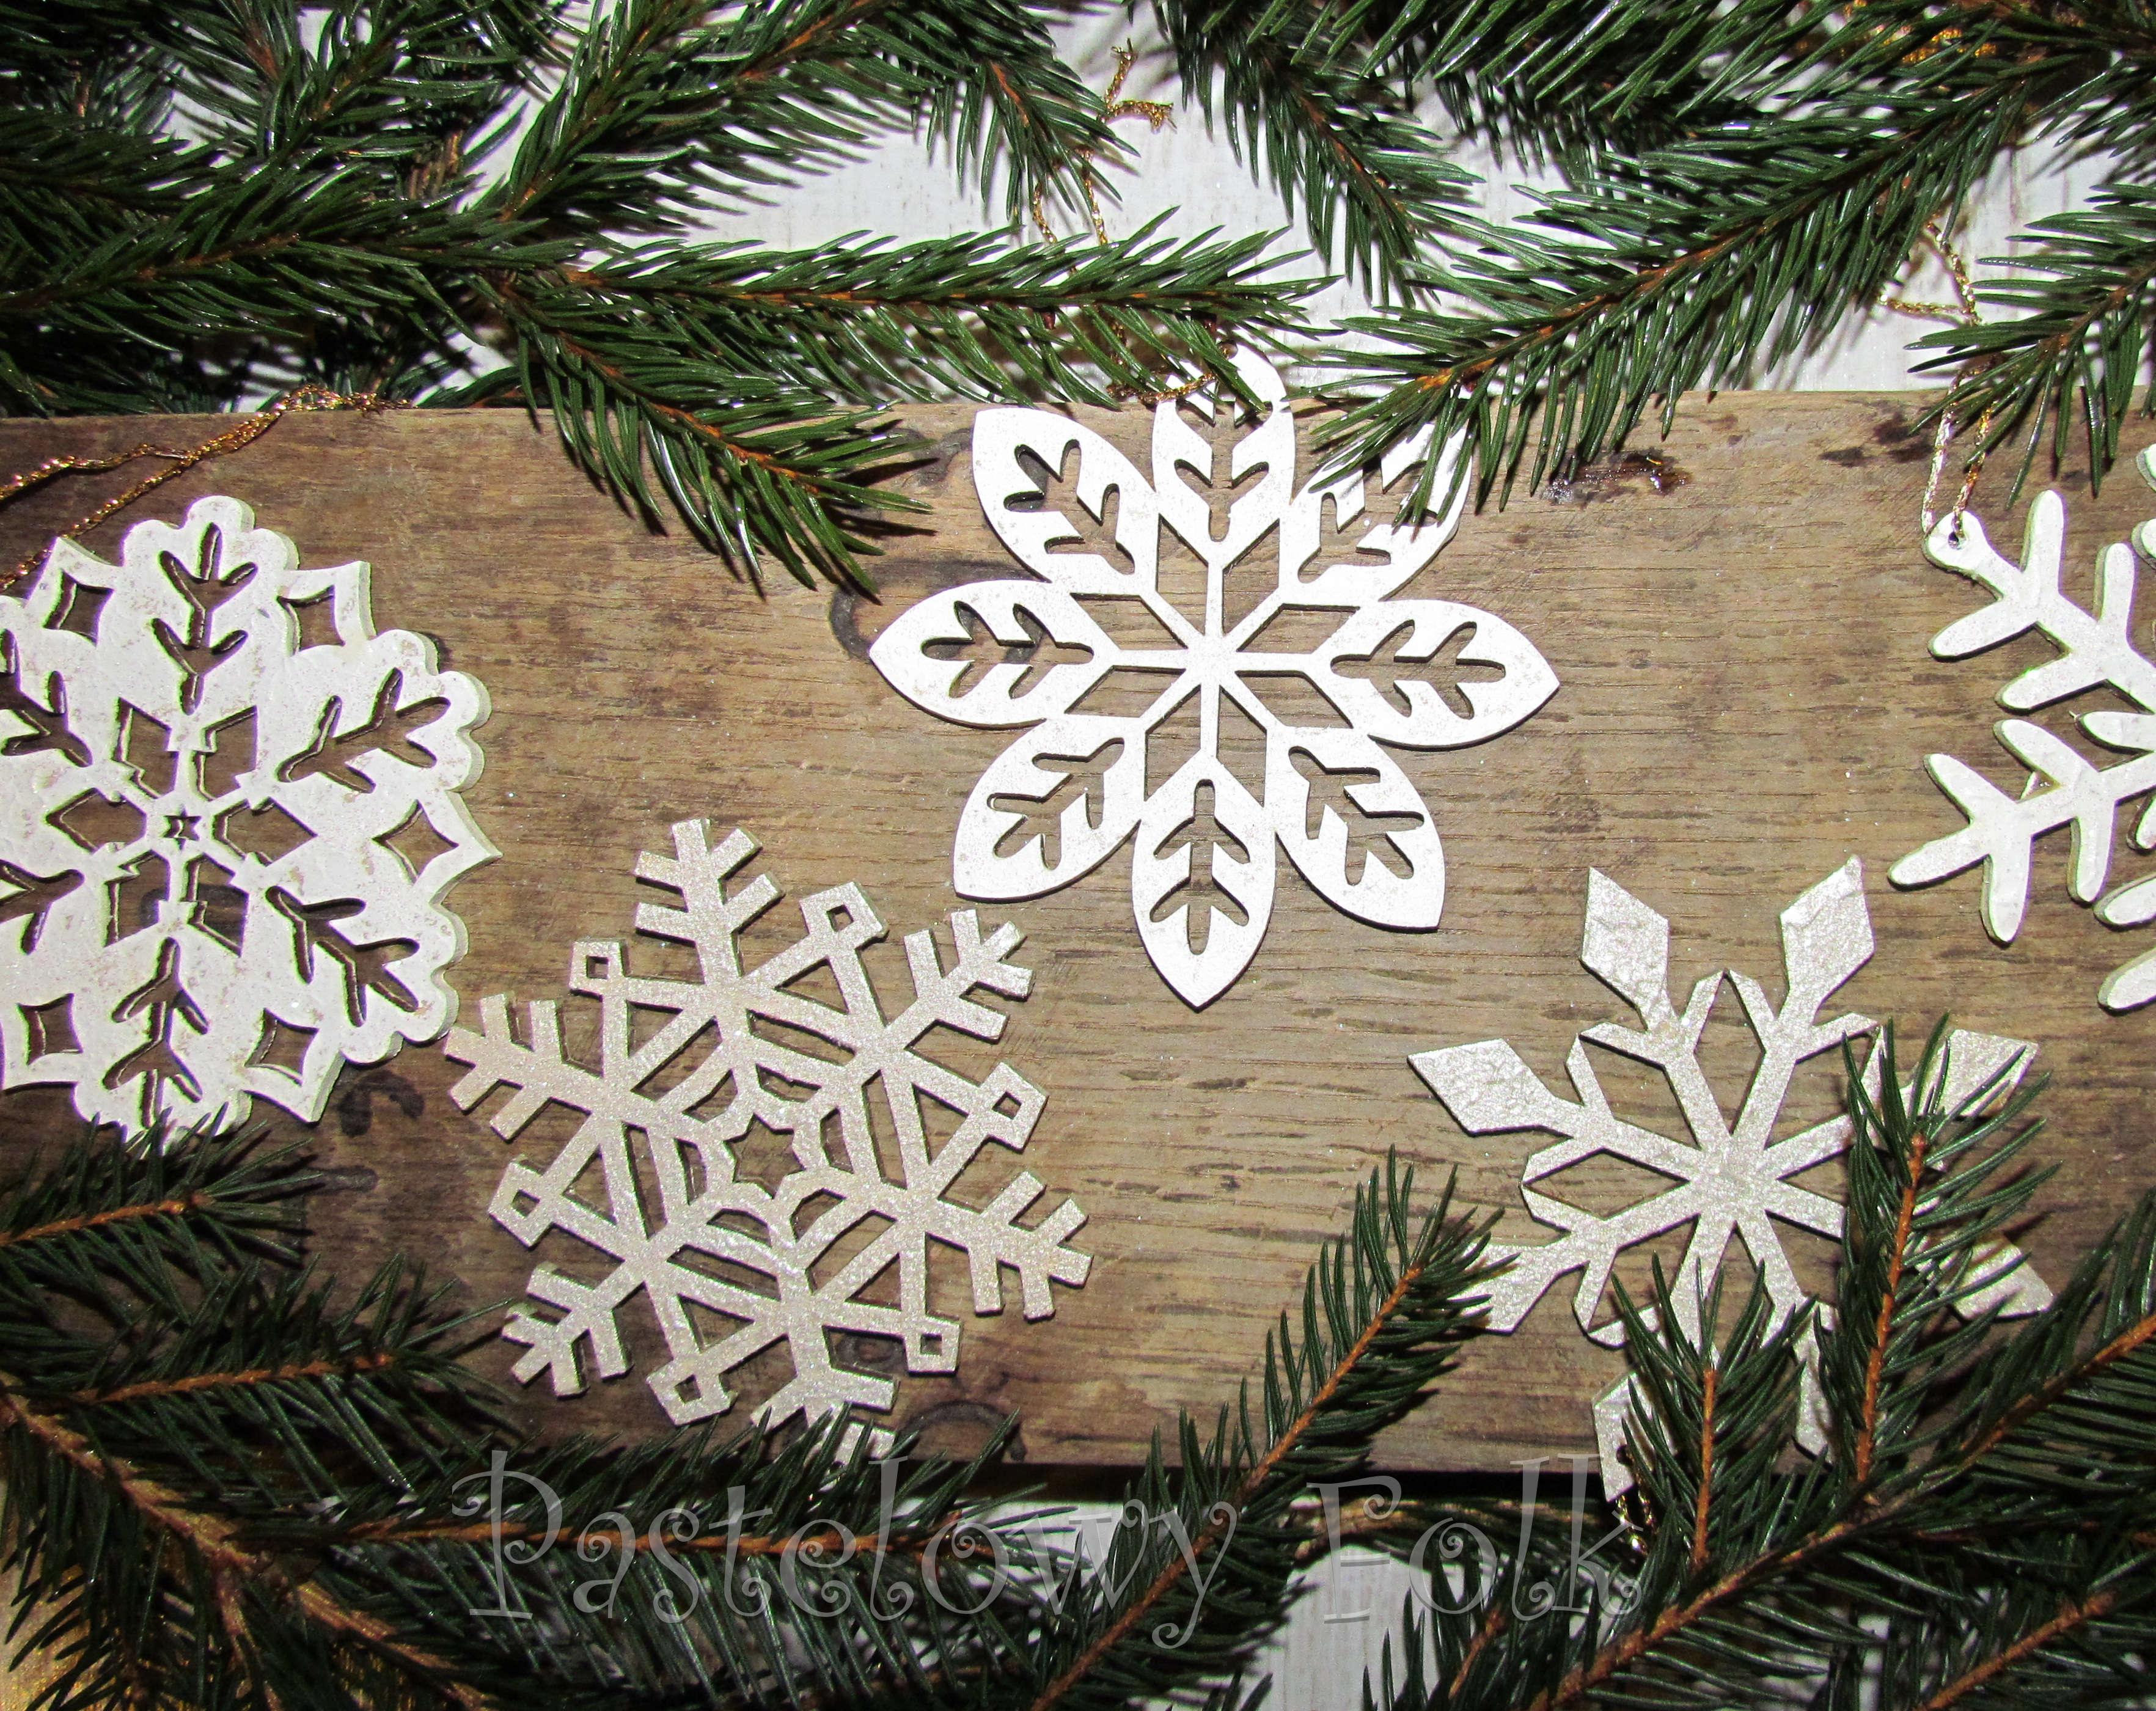 9805faa5fc5004 ... SWIETA choinka-zawieszka 05_ drewniana śnieżka bombka gwiazda brokat  zimowa świąteczna biała perłowa _04